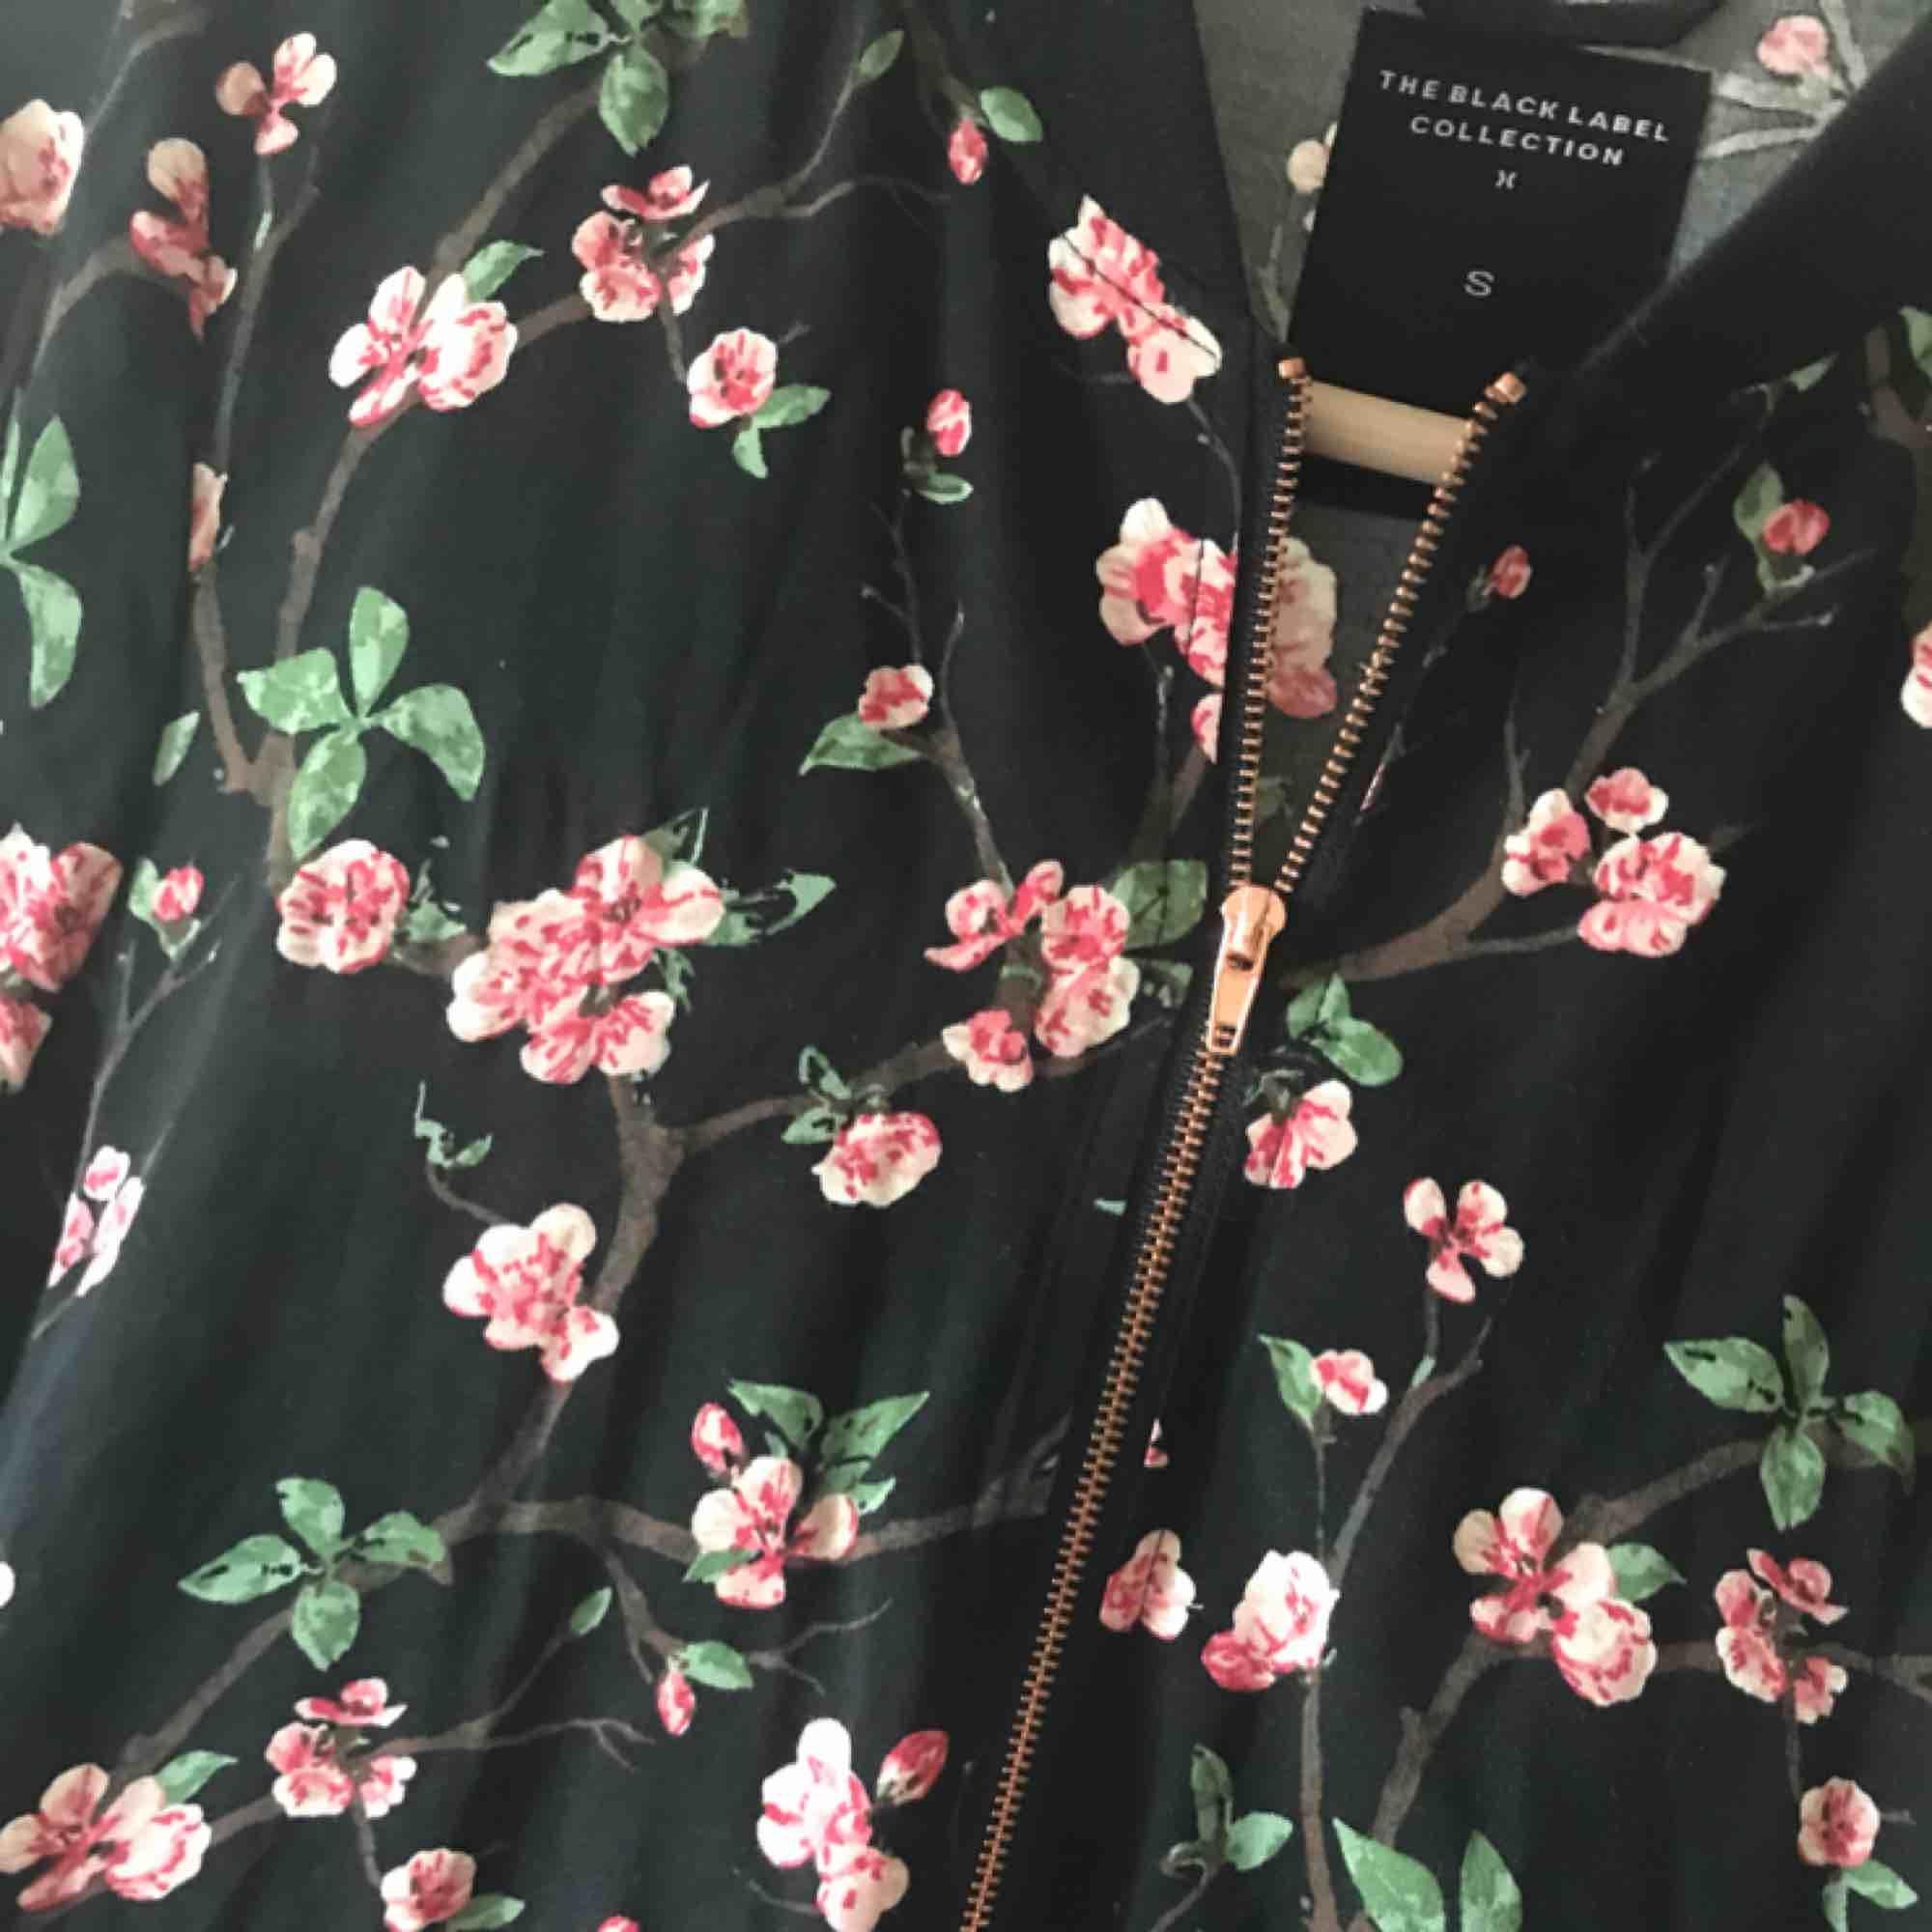 Blommig zip-tröja från lager 157, storlek S. Använd en gång. 💌 frakt är 20kr. Tröjor & Koftor.